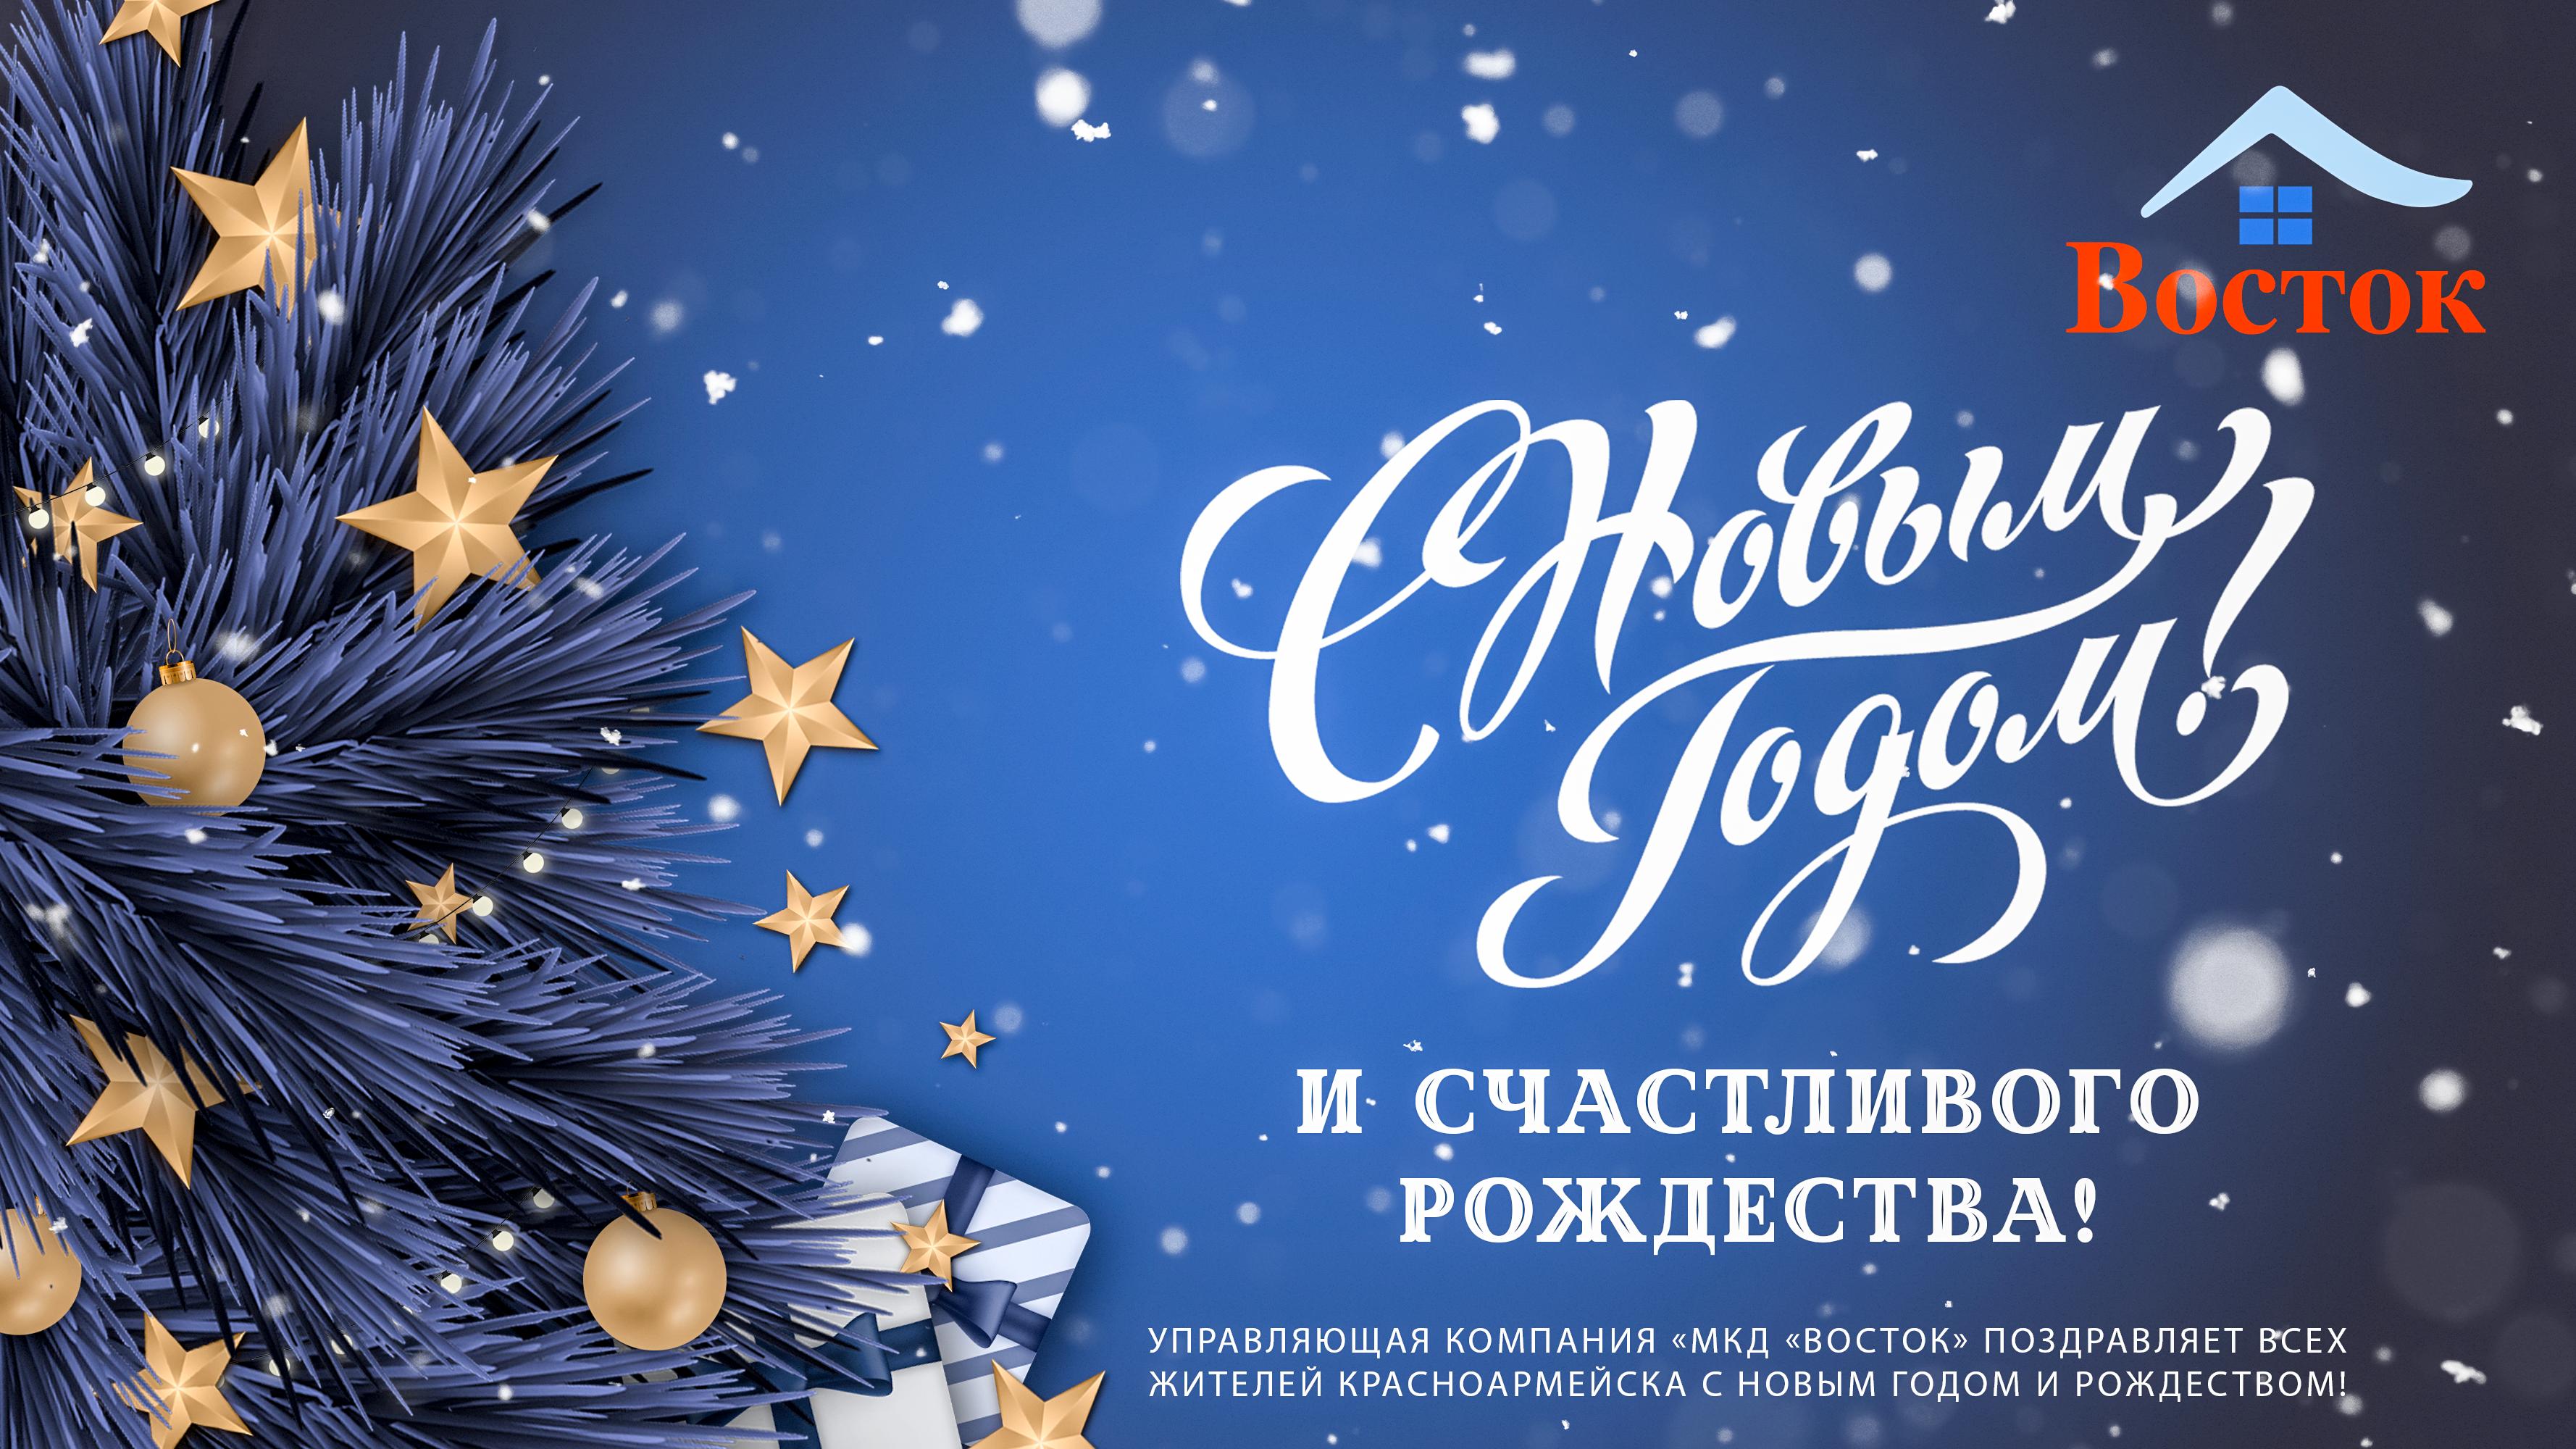 Поздравляем жителей Красноармейска с Новым годом и Рождеством!